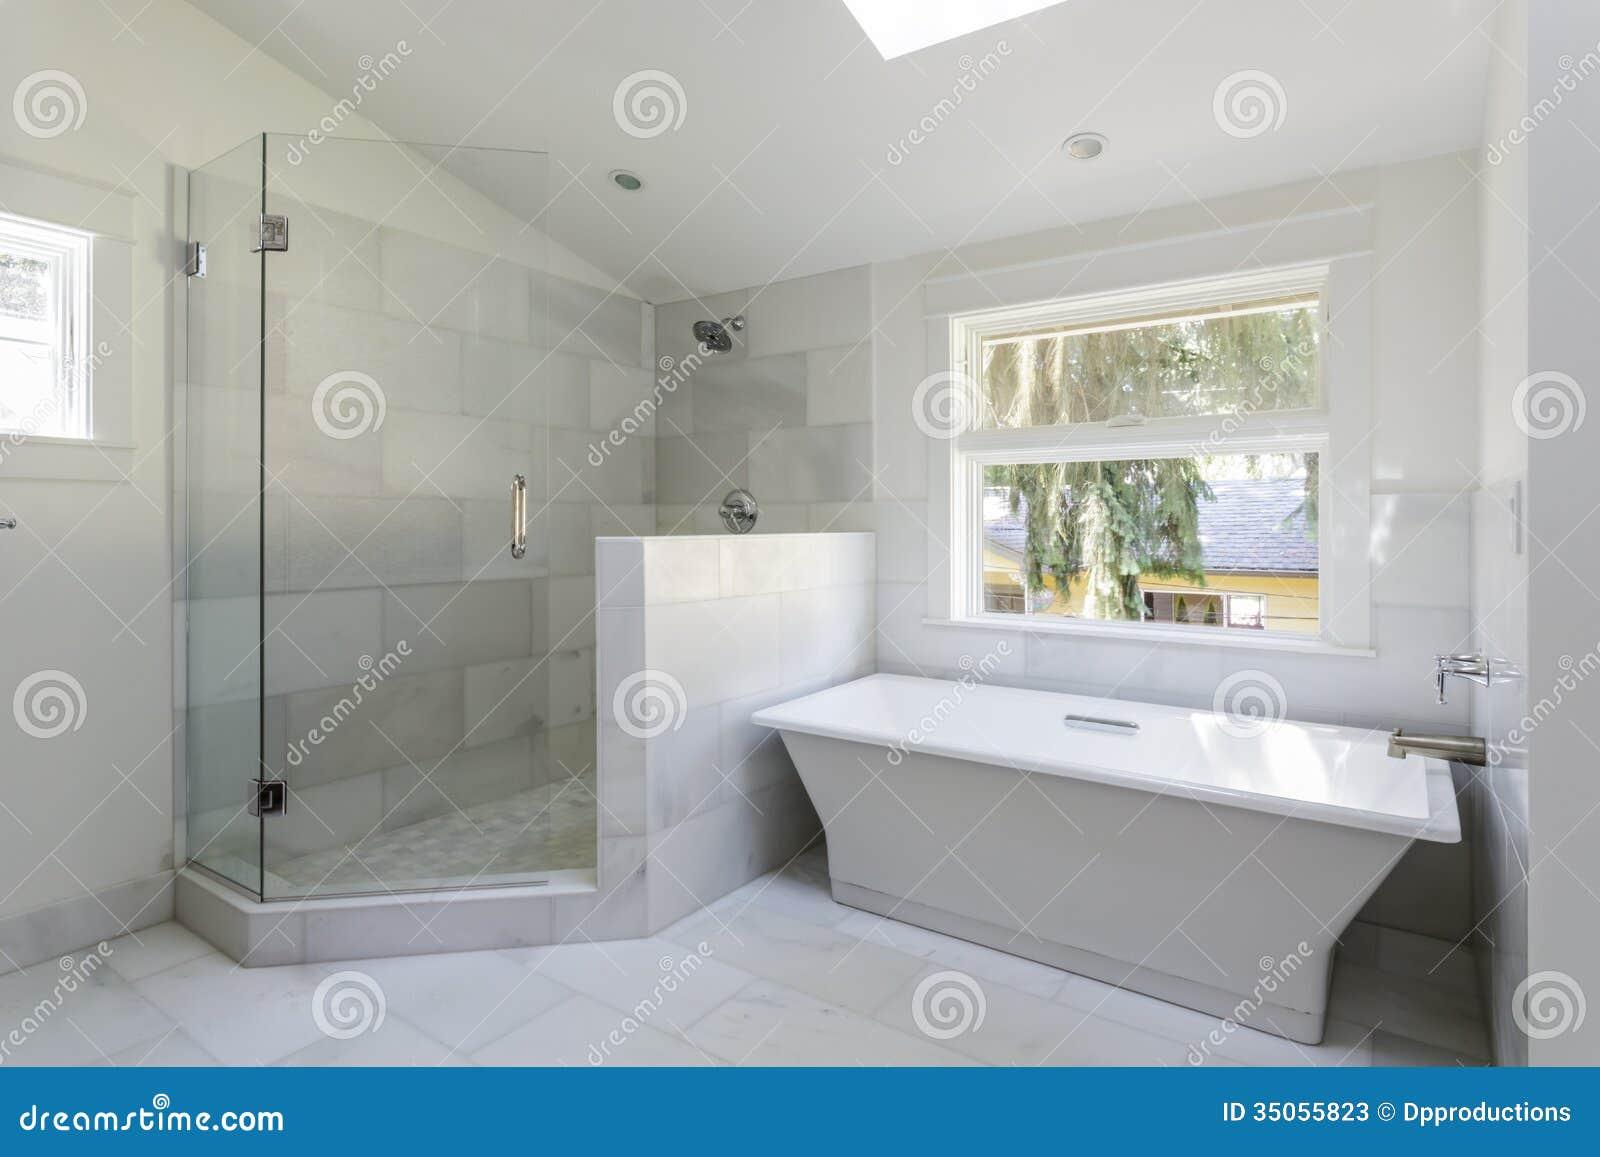 Salle de bains moderne avec la douche et la baignoire for Salle de bain moderne douche